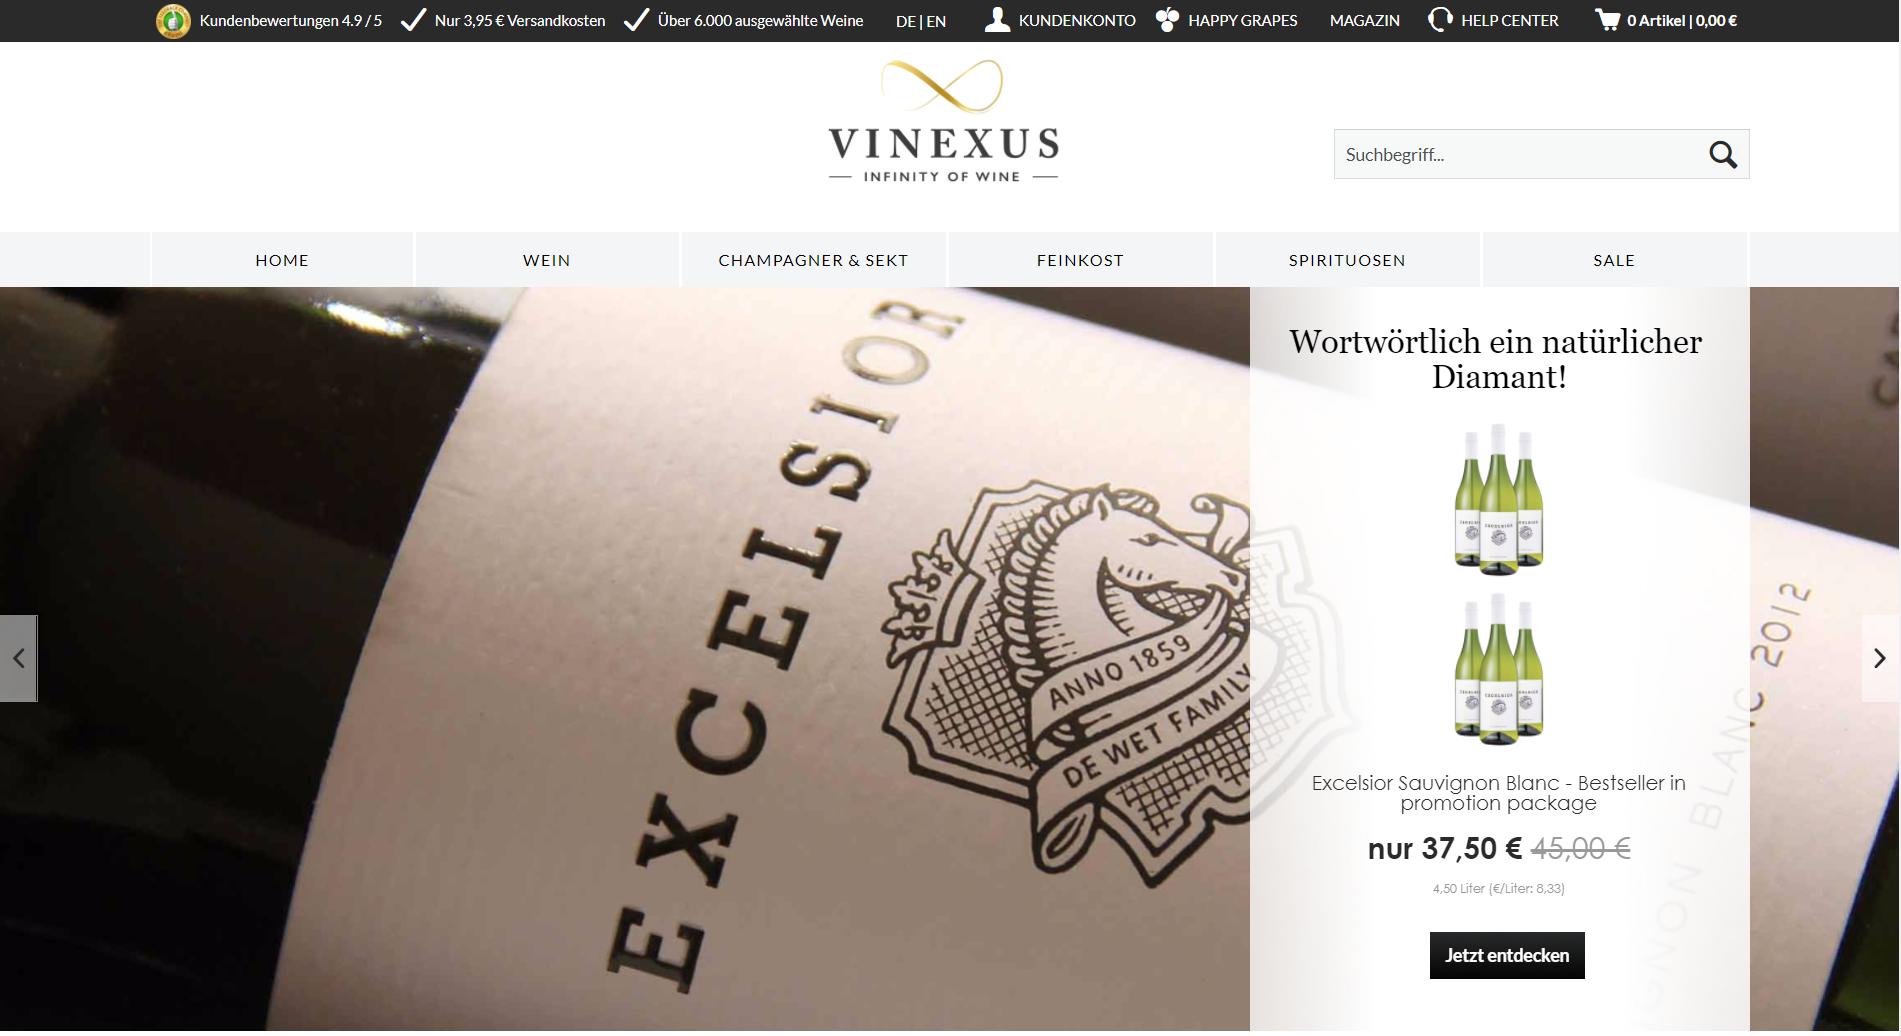 Vinexus5a0598db3958f